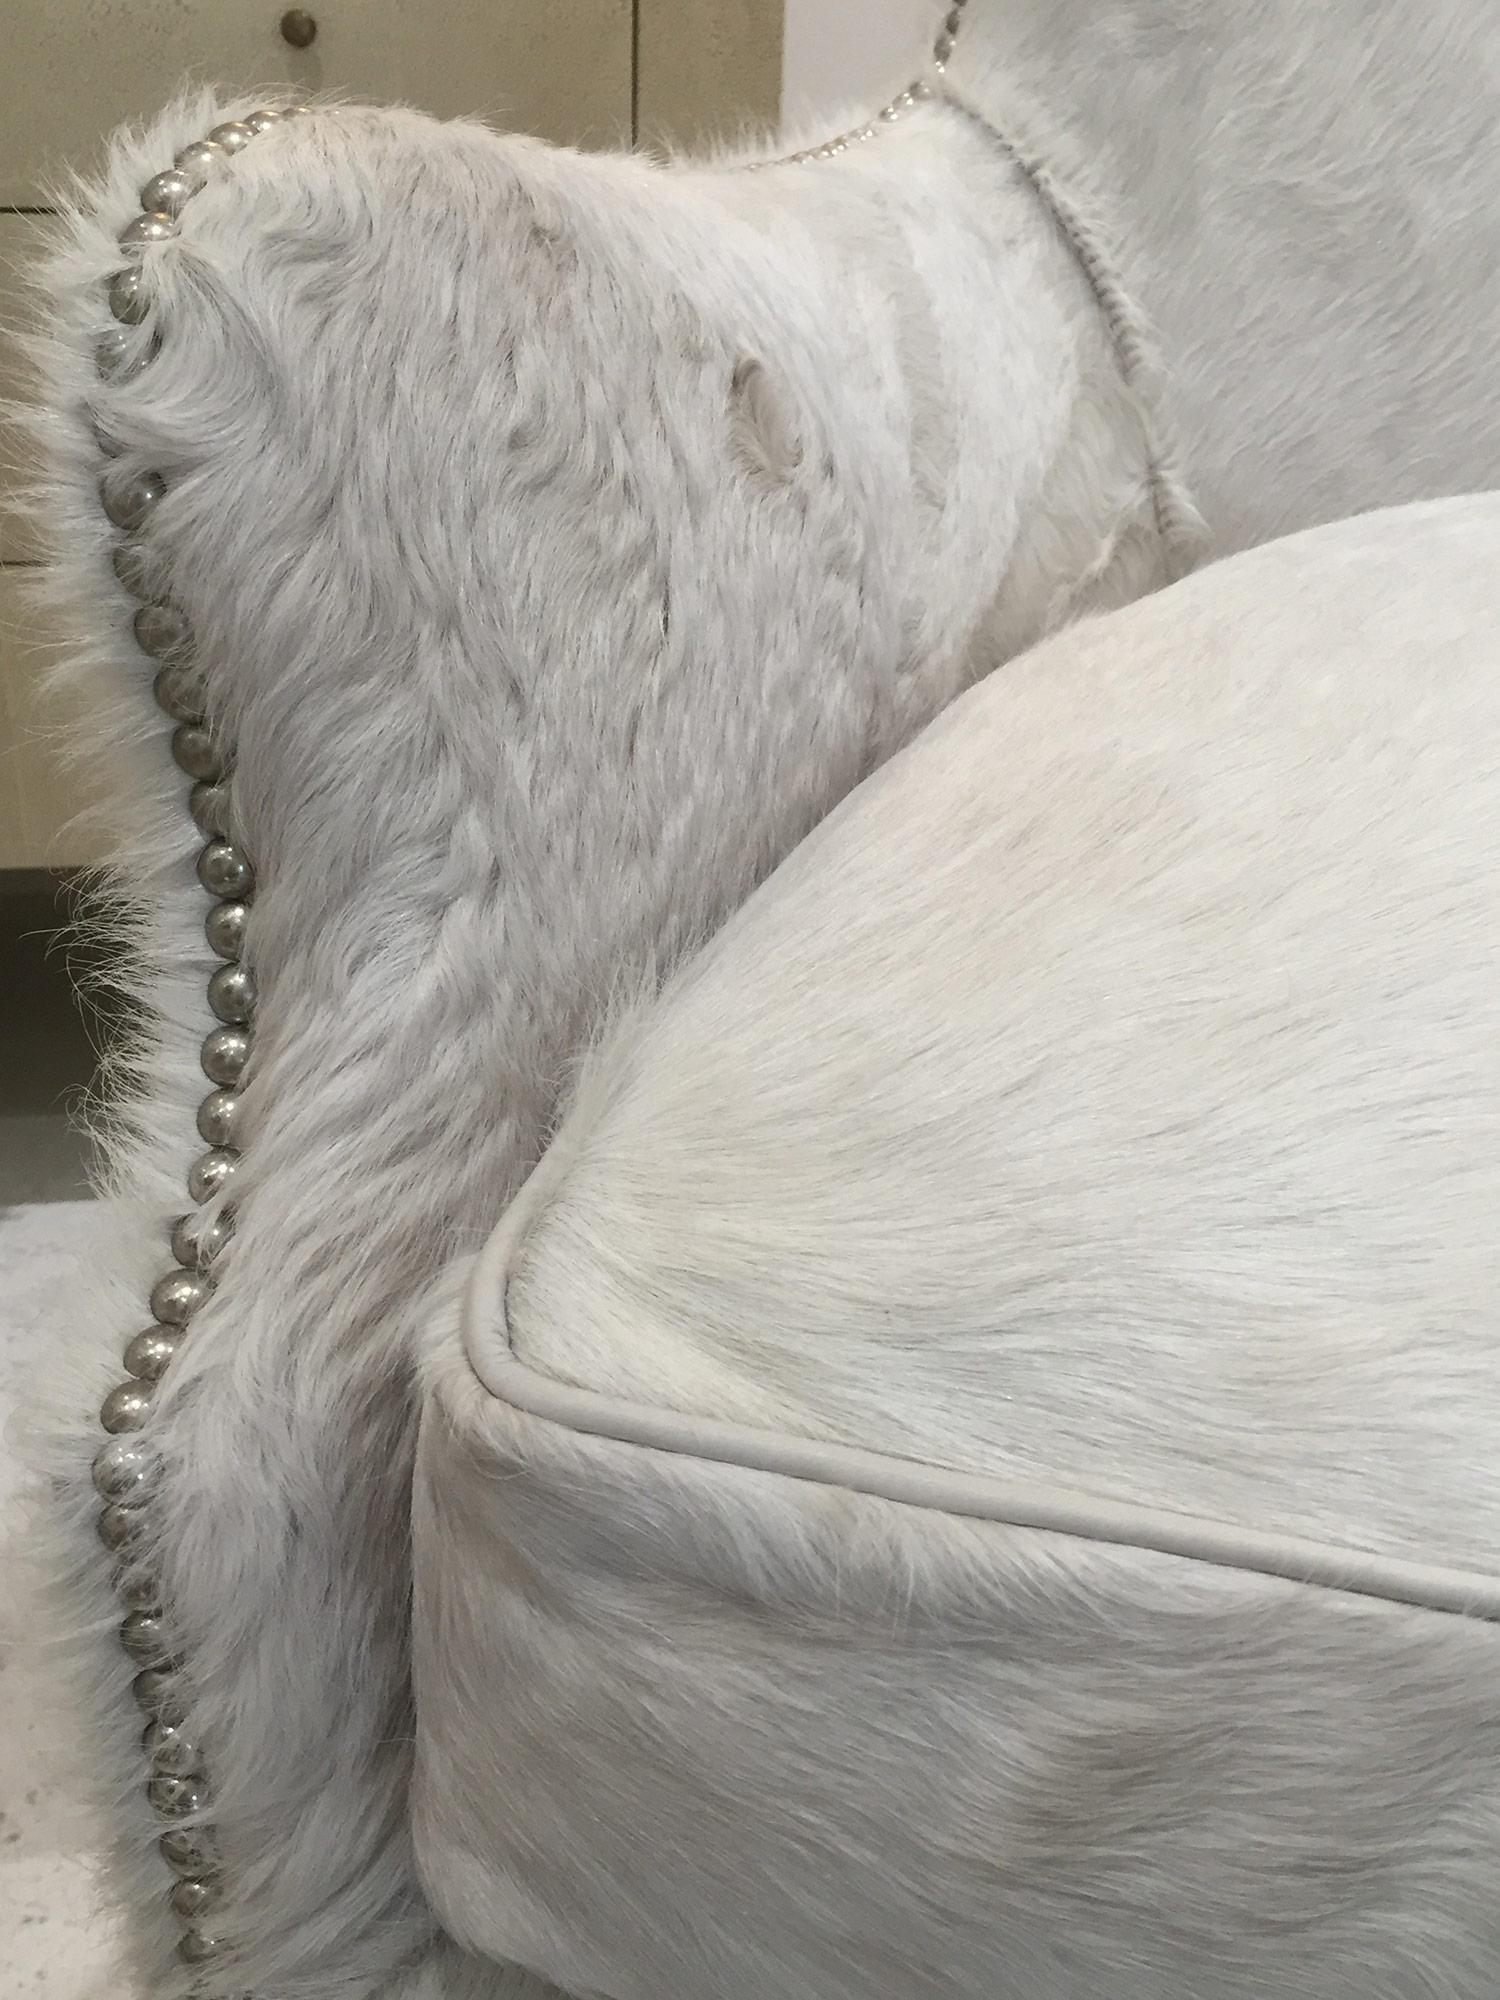 L1991-41_Hair-On-Hide_Swivel_Chair_Lee_detail.jpg